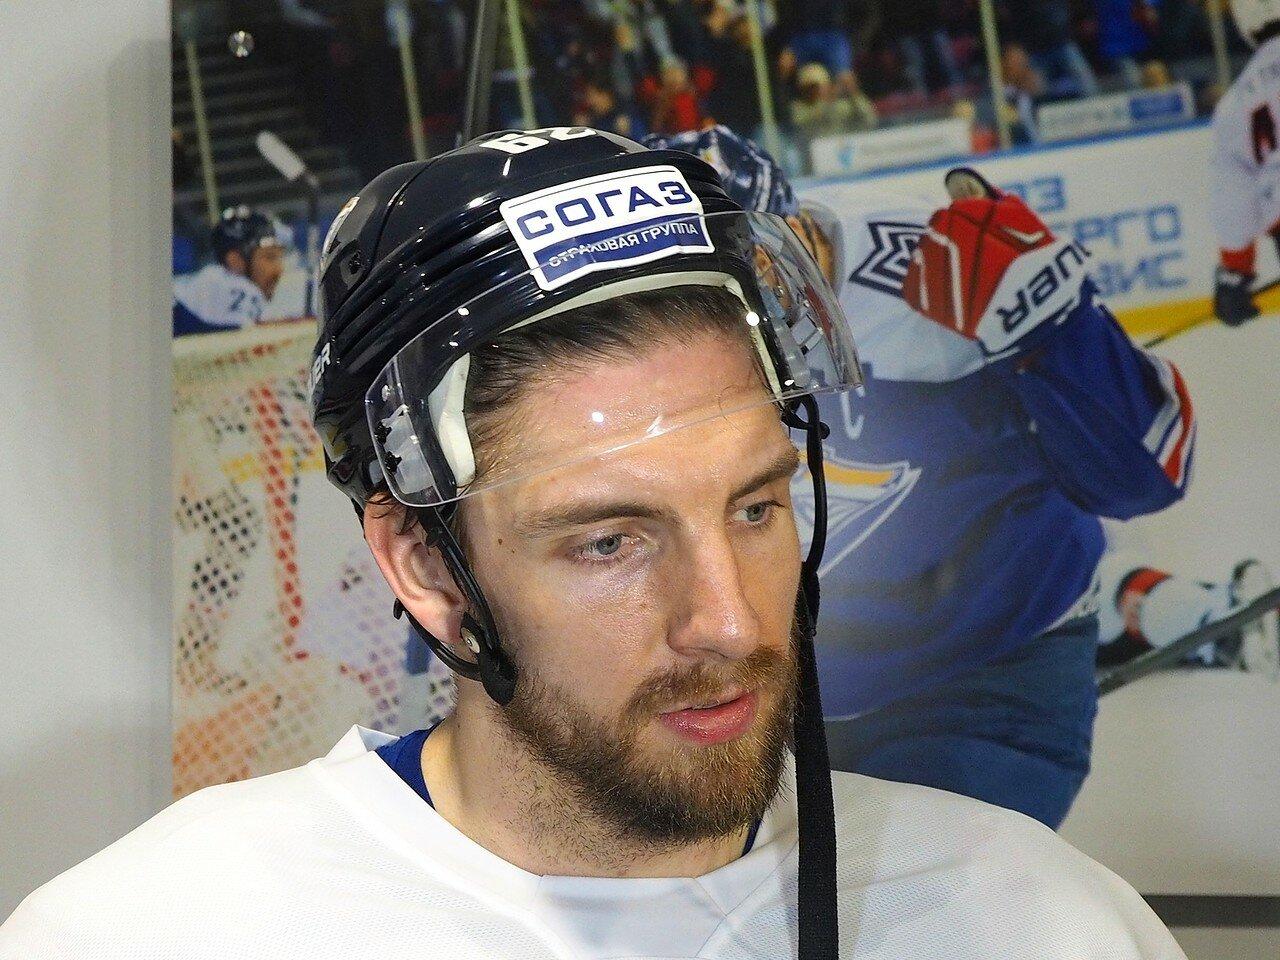 37 Открытая тренировка перед финалом плей-офф КХЛ 2017 06.04.2017